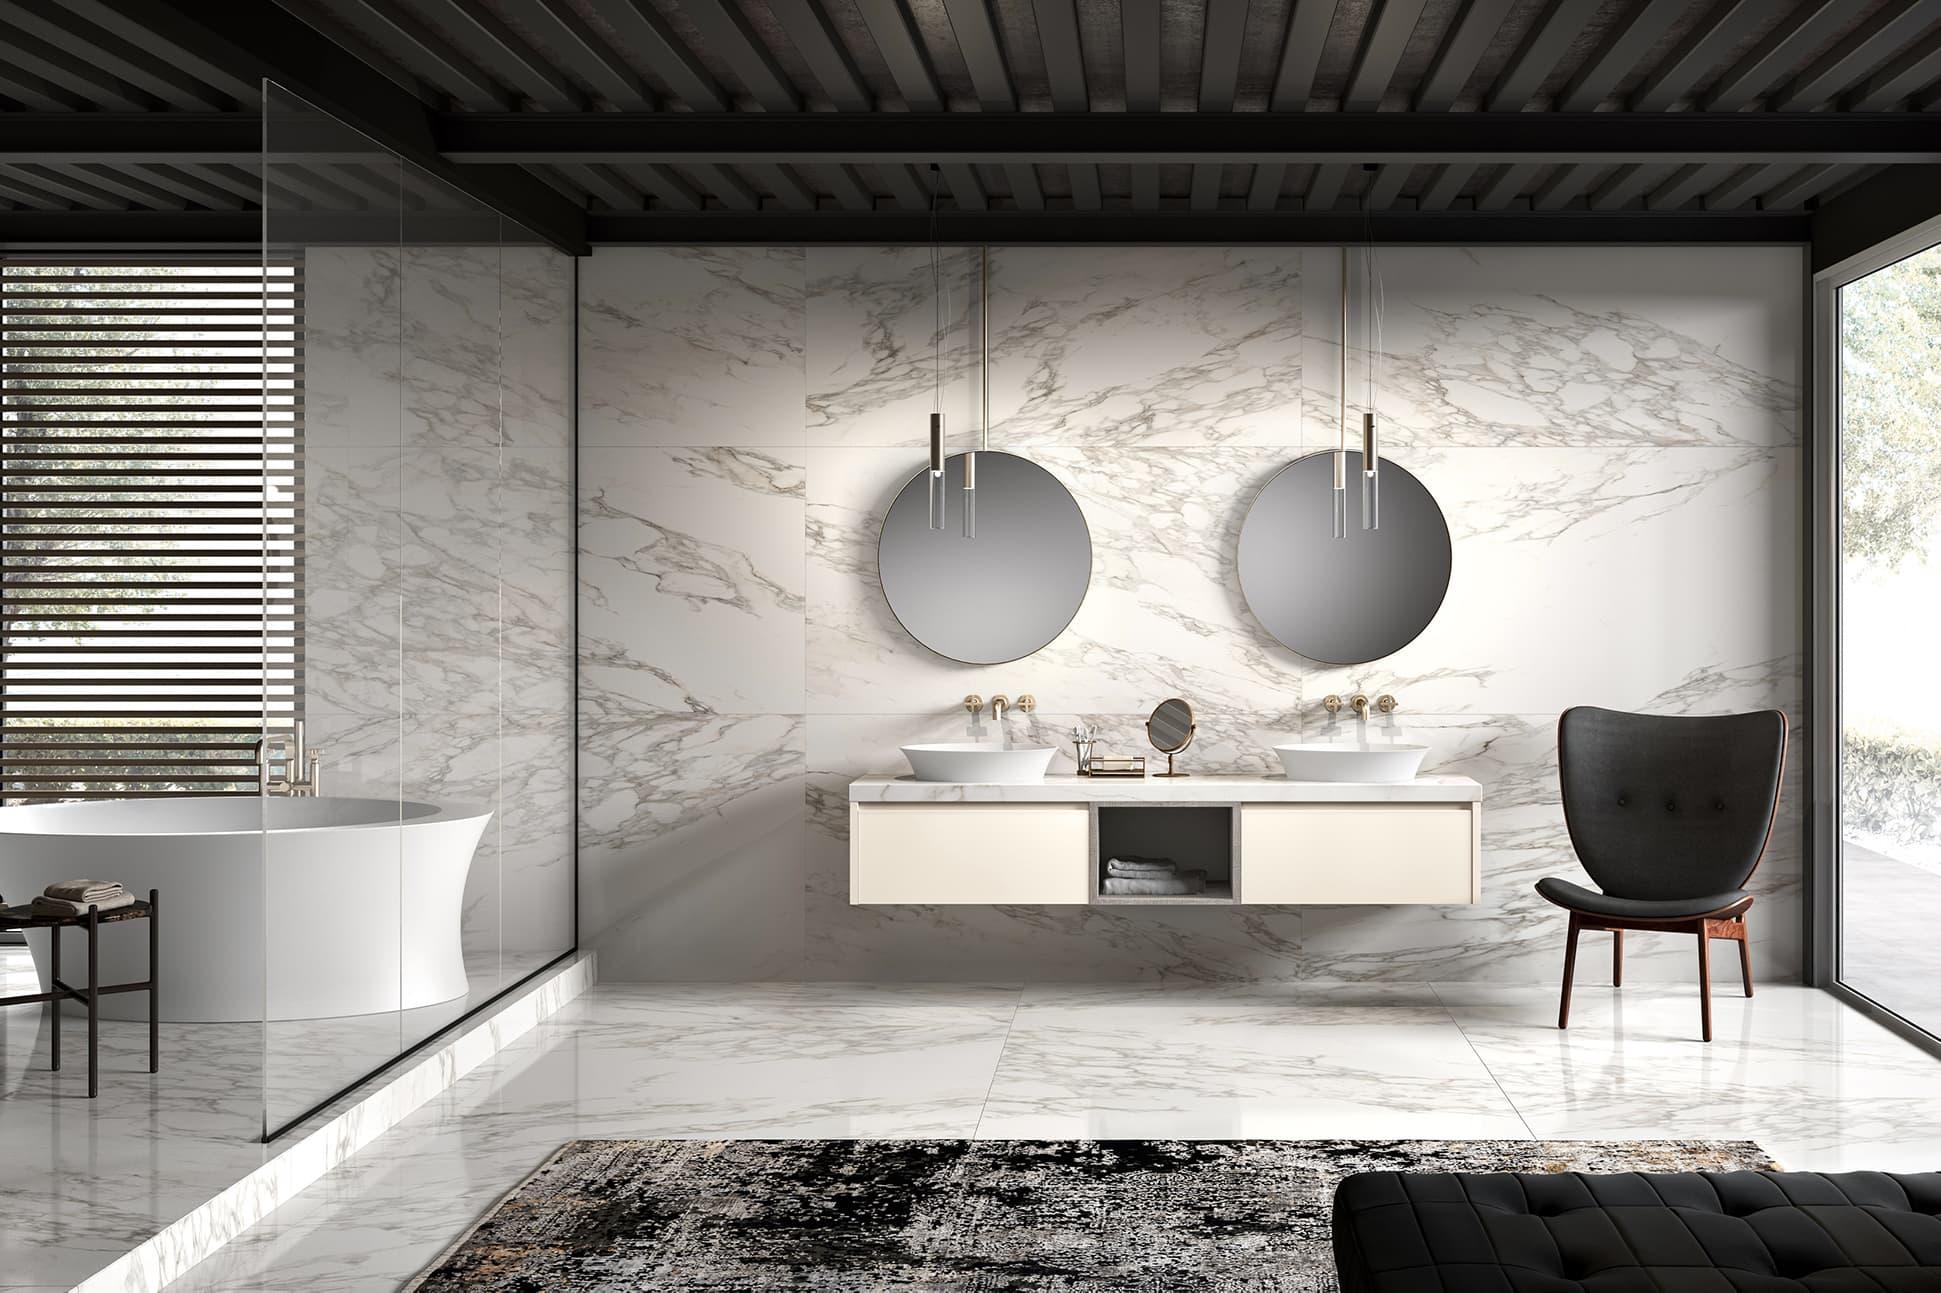 Badmöbel,Badezimmerschrank,Badezimmermöbel - Tender LAK.1 3